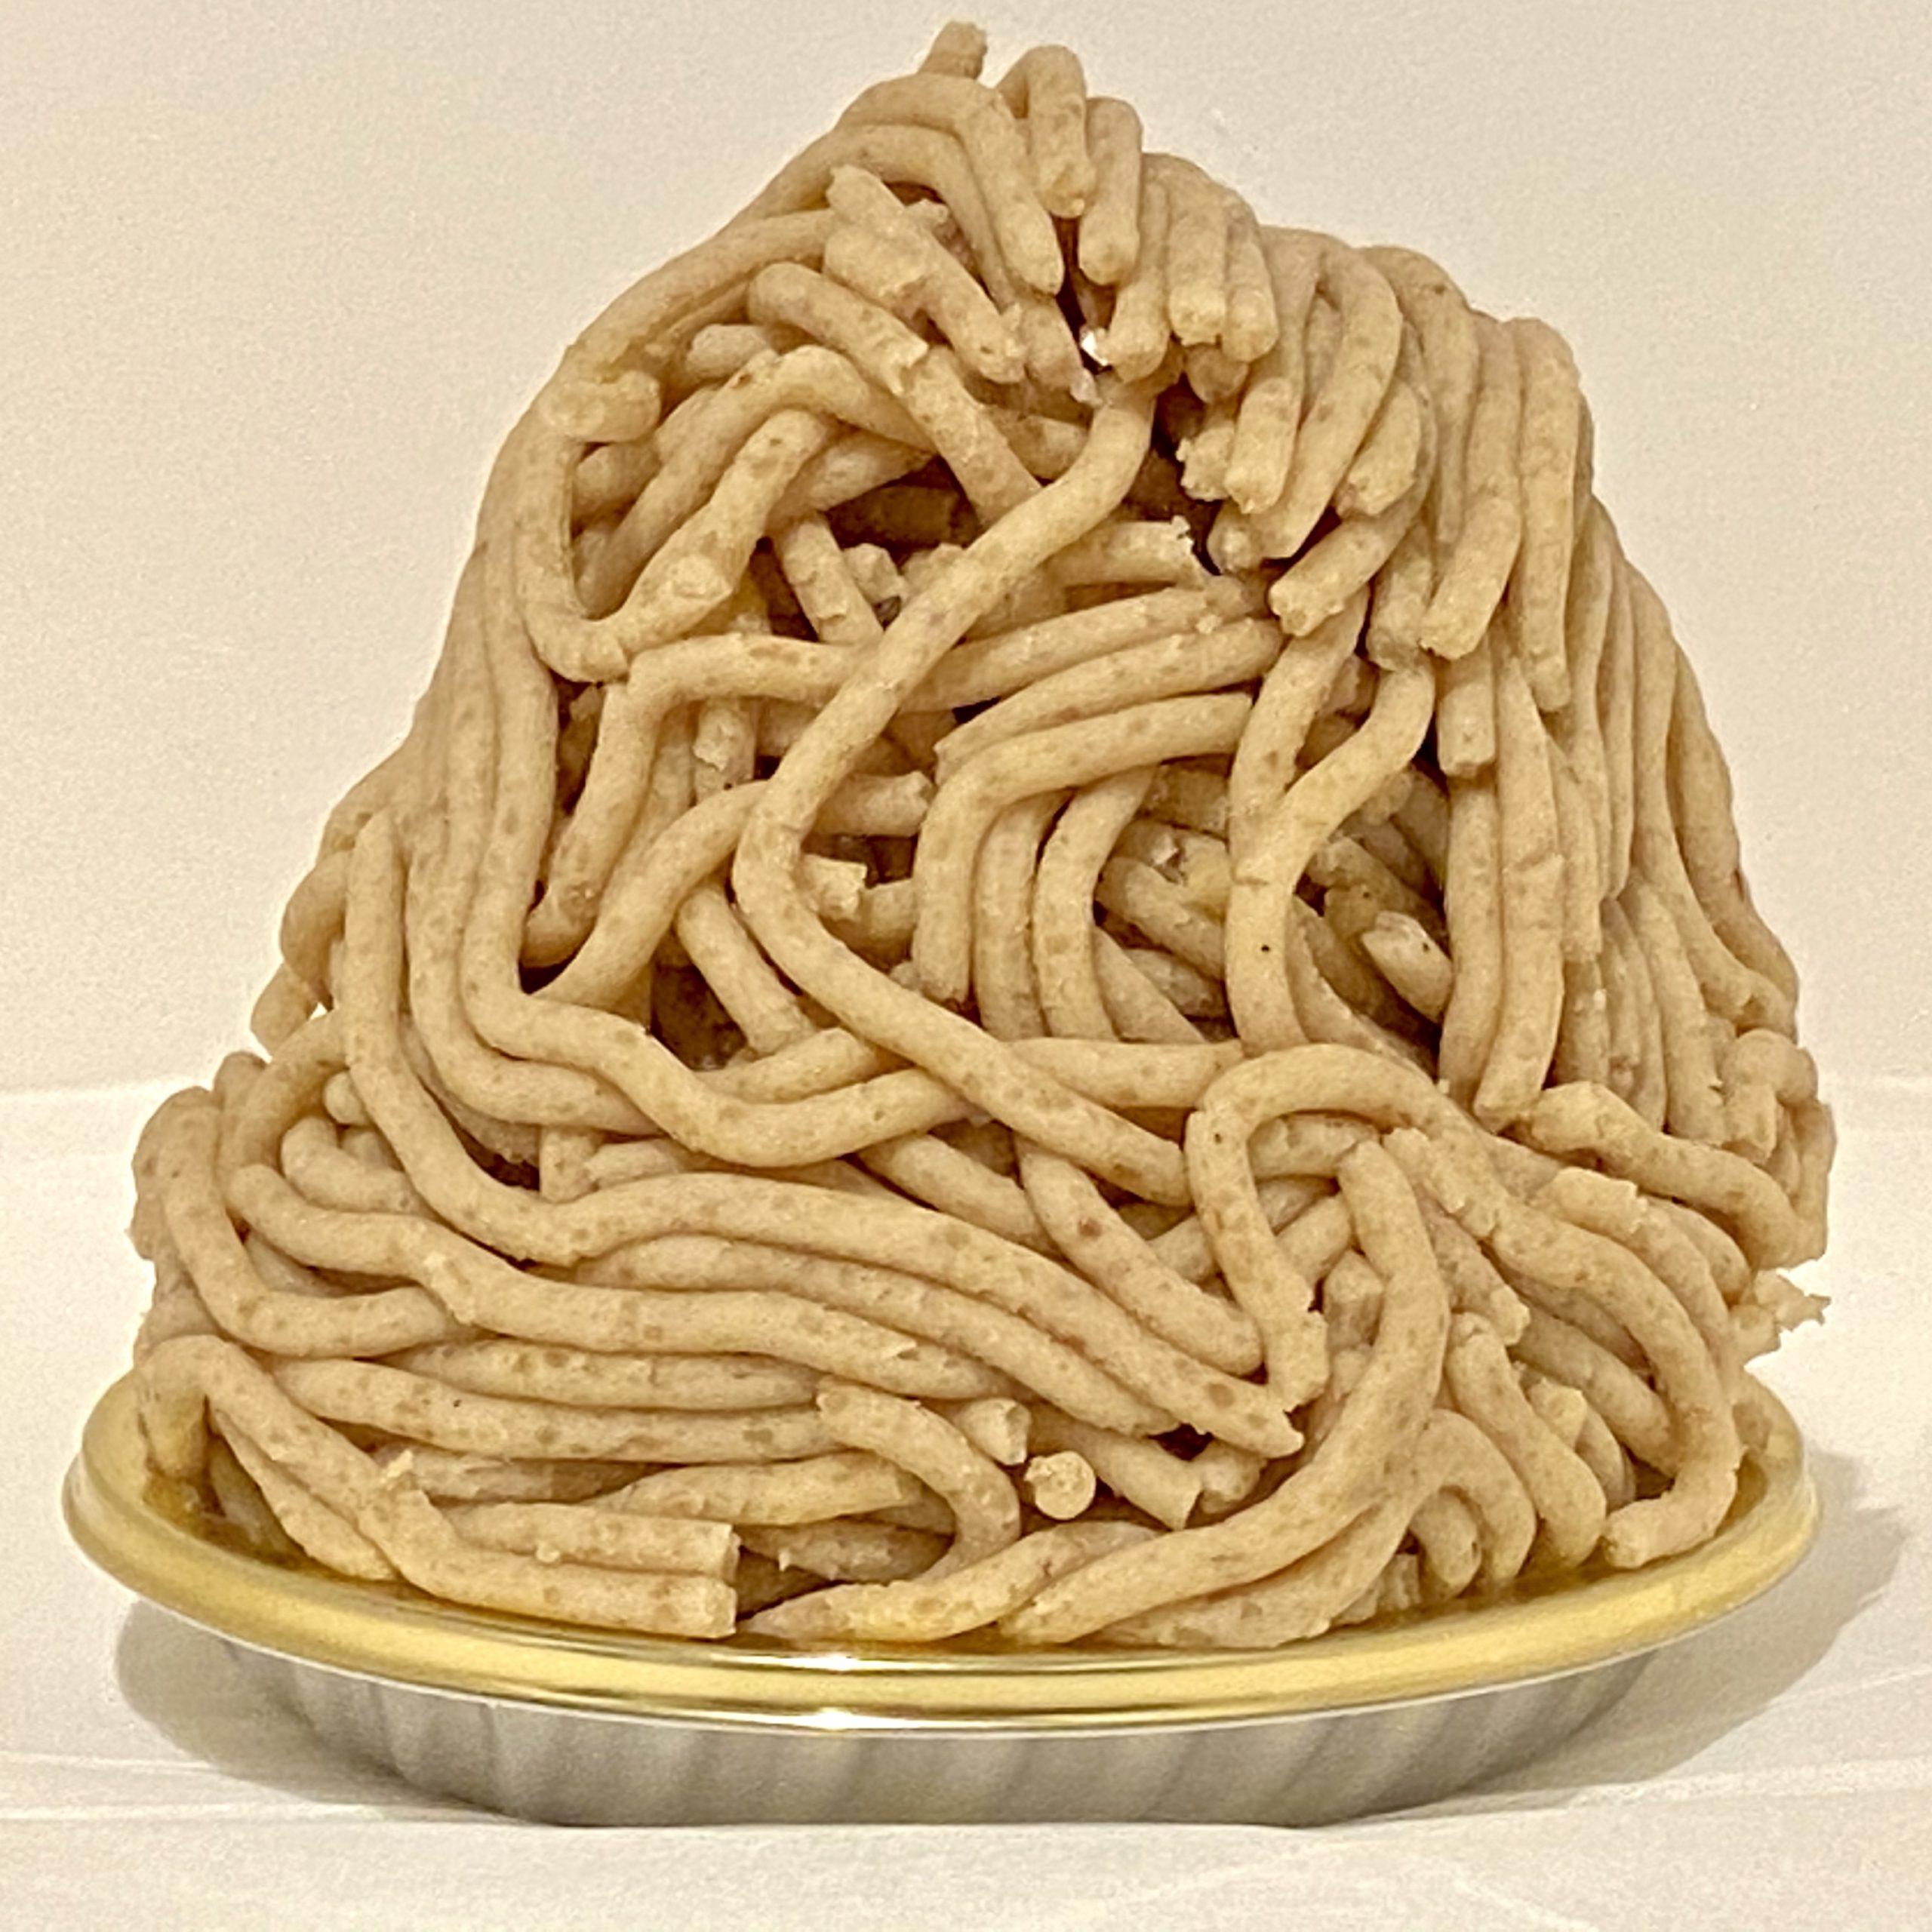 エーグルドゥース 目白 ケーキ トルシュオーマロン モンブラン 賞味期限 1時間 メレンゲ